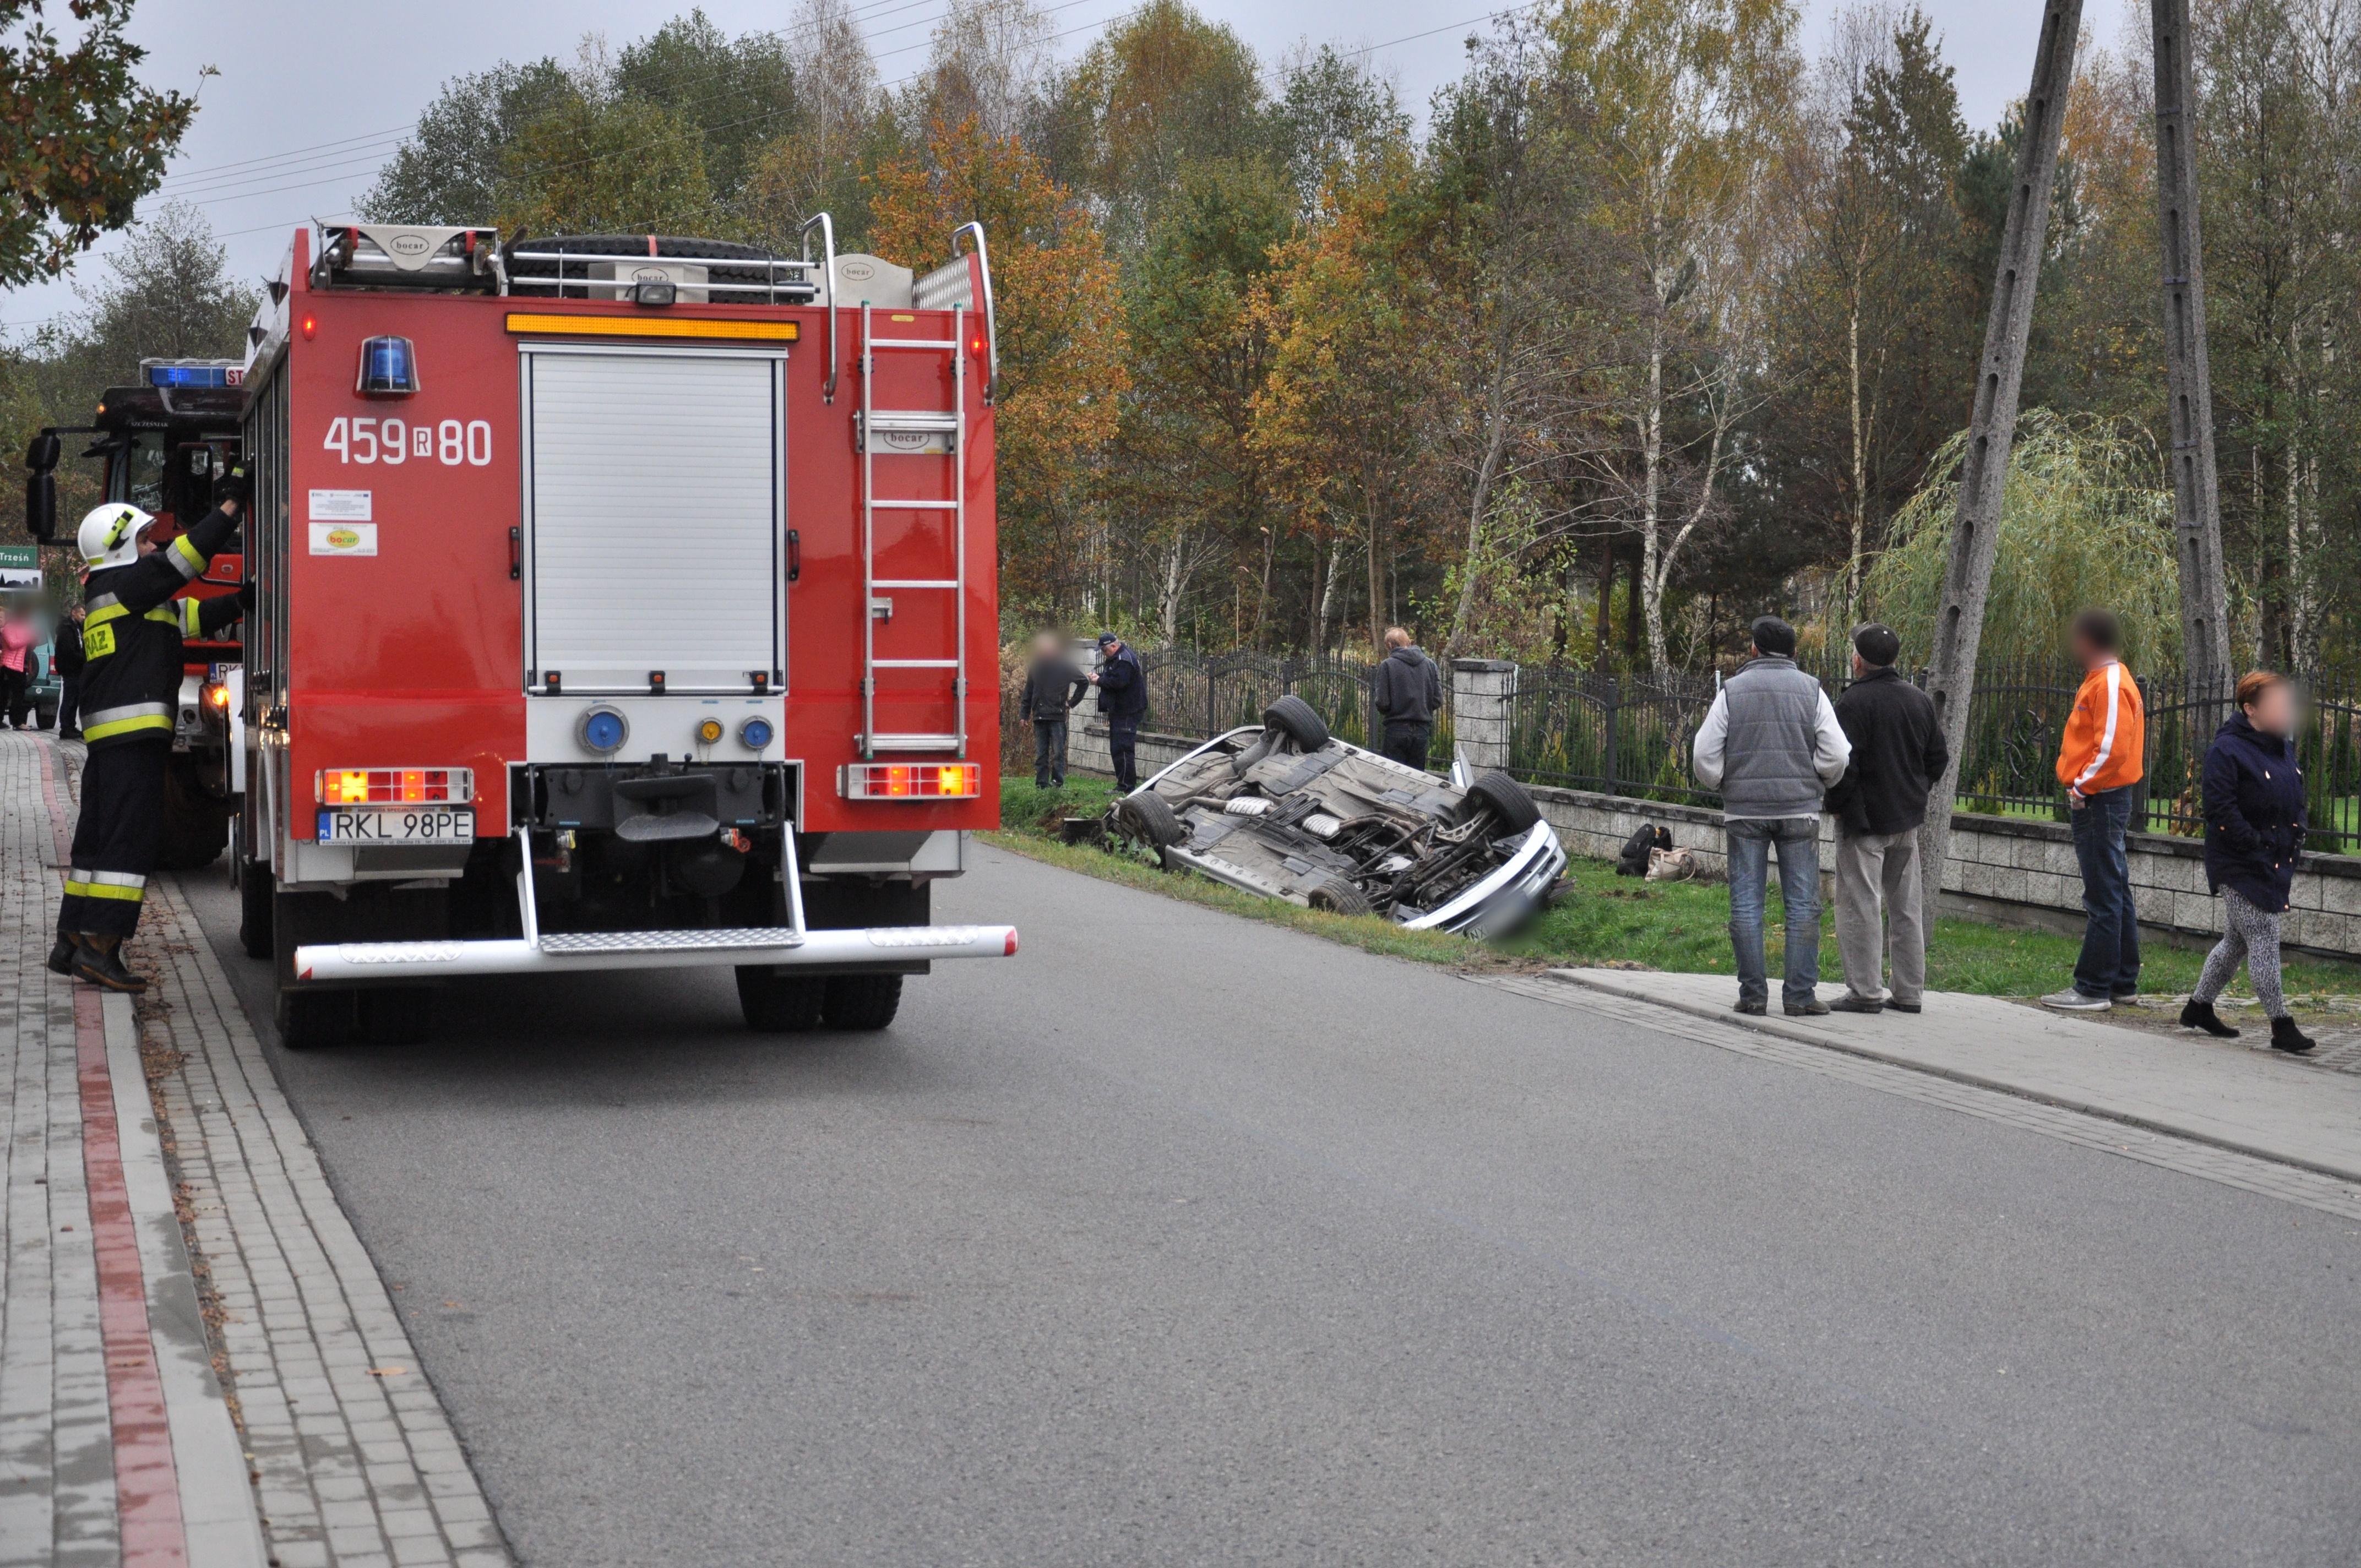 Kolizja w Trześni. Samochód osobowy wypadł z drogi i dachował  - Zdjęcie główne